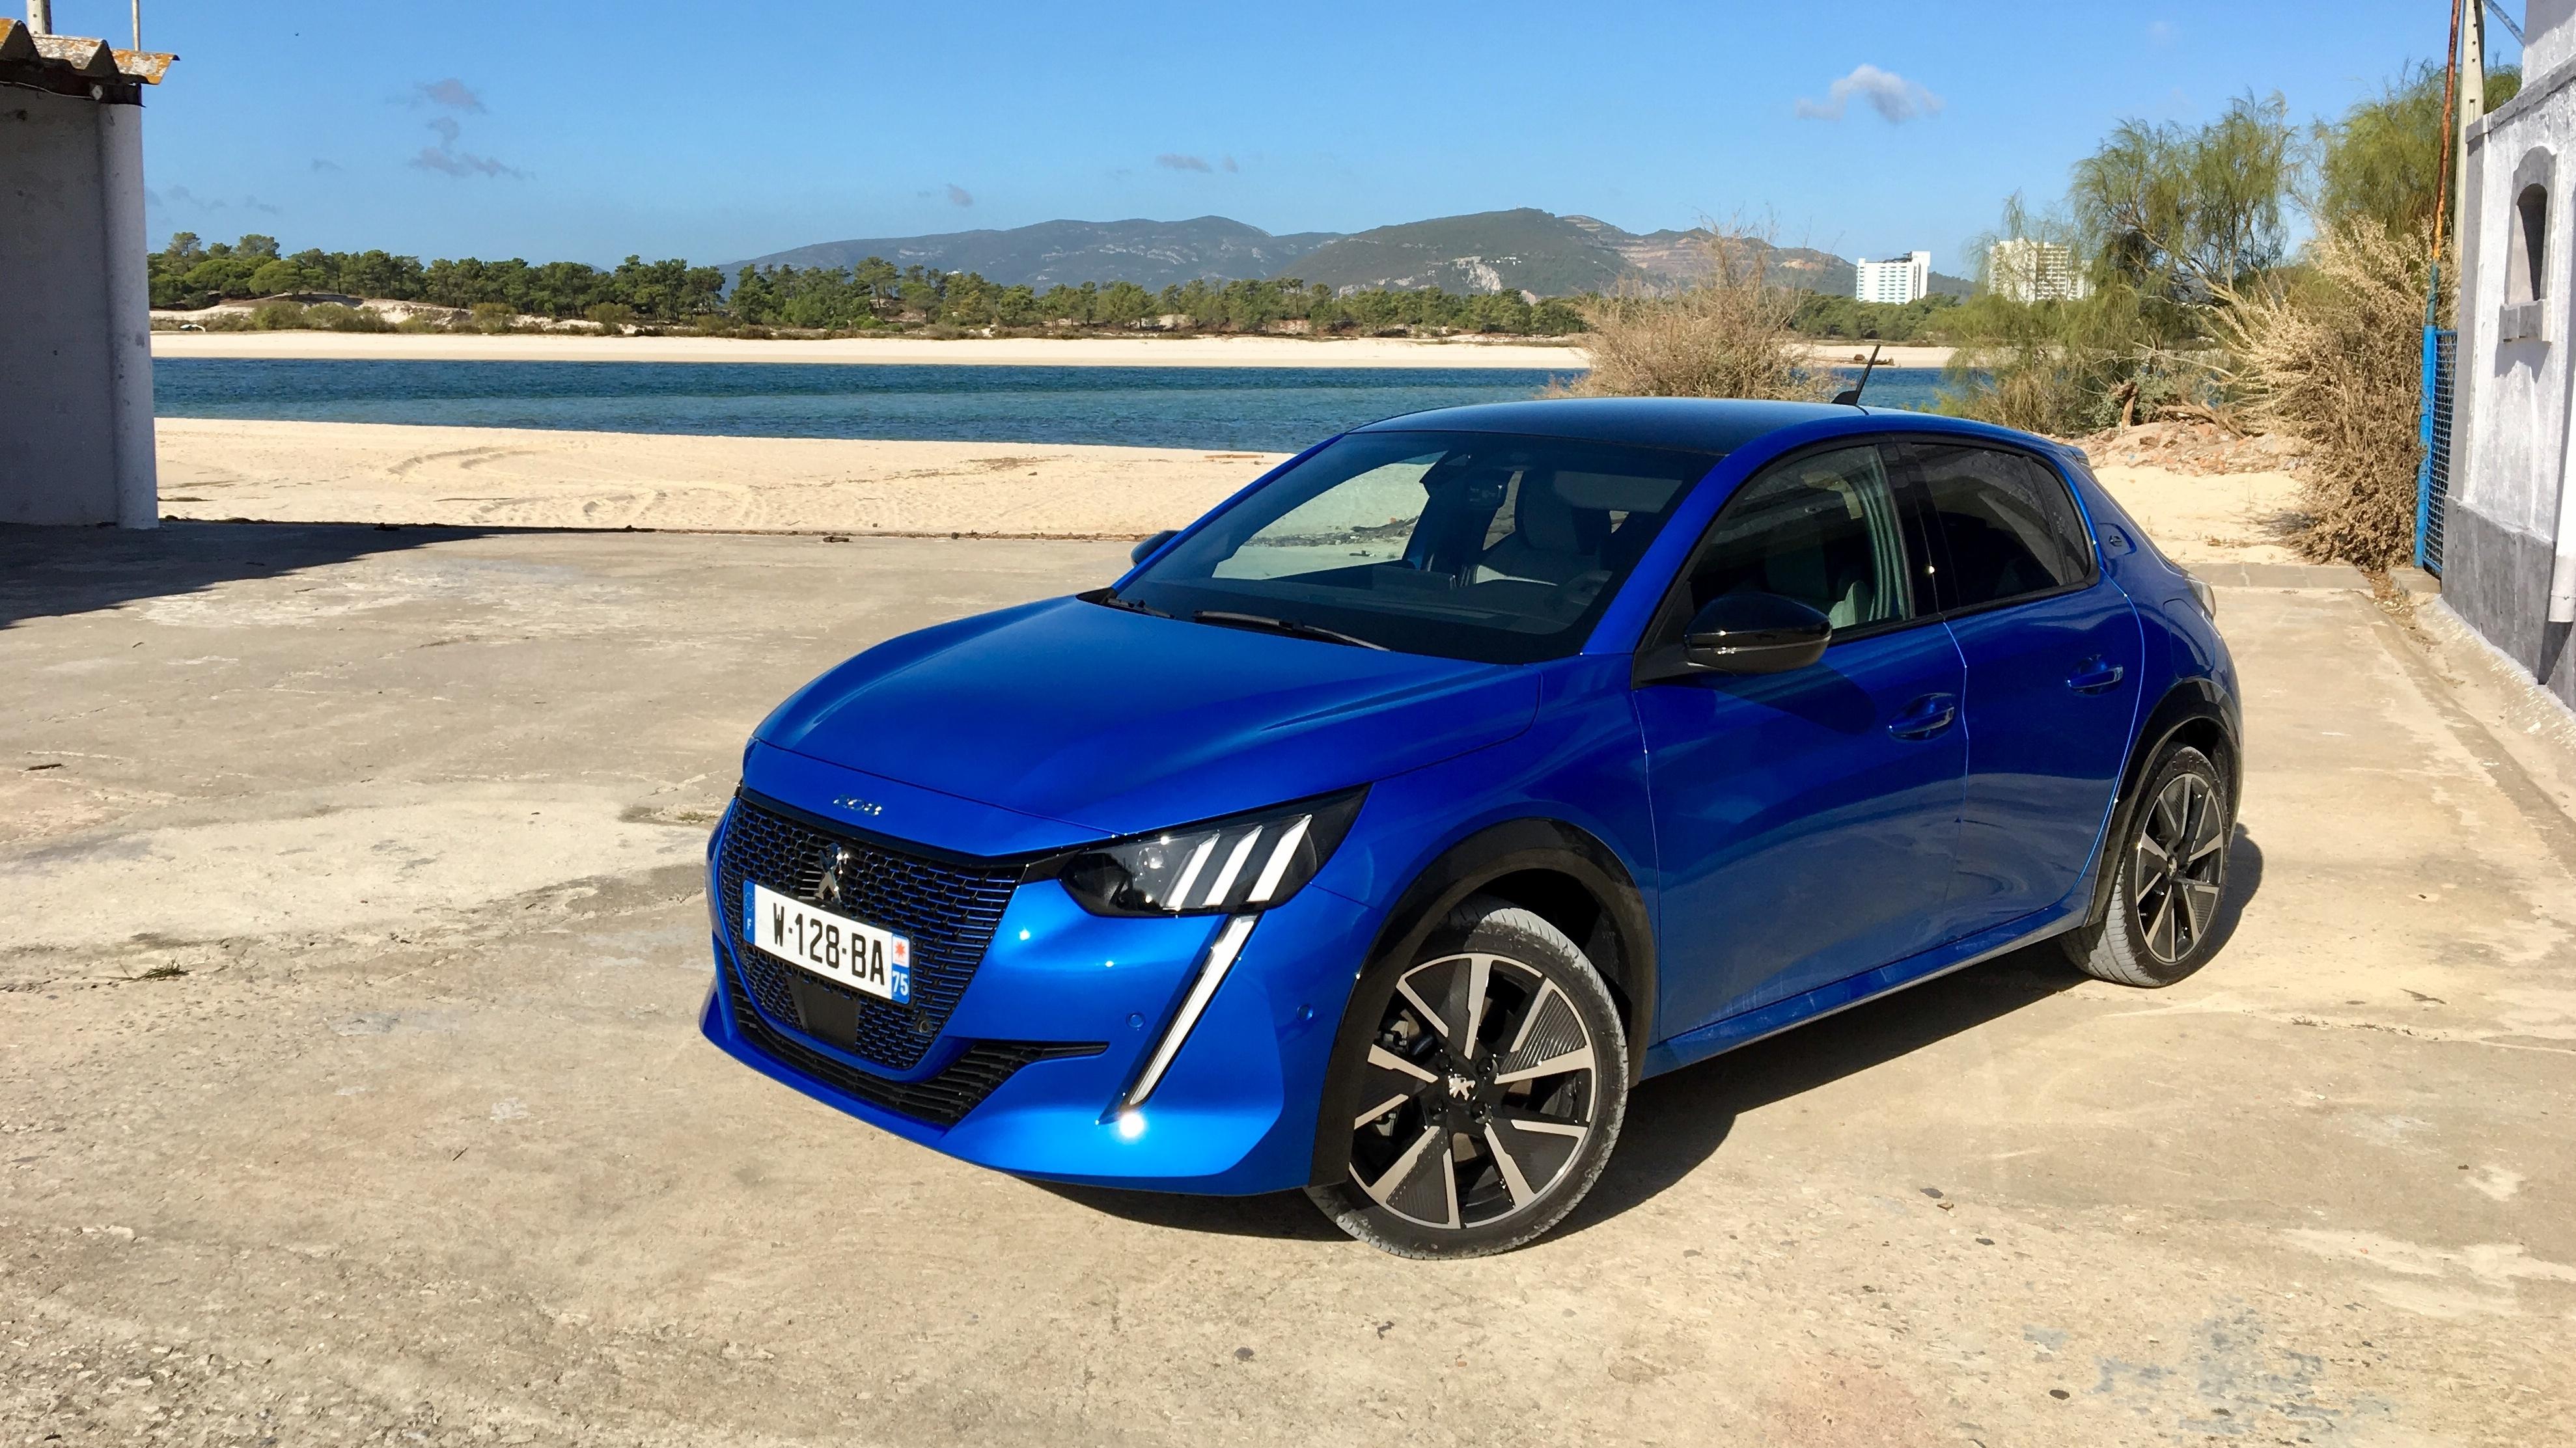 Essai Xxl Peugeot 208 Tout Savoir Sur La Voiture De L Annee 2020